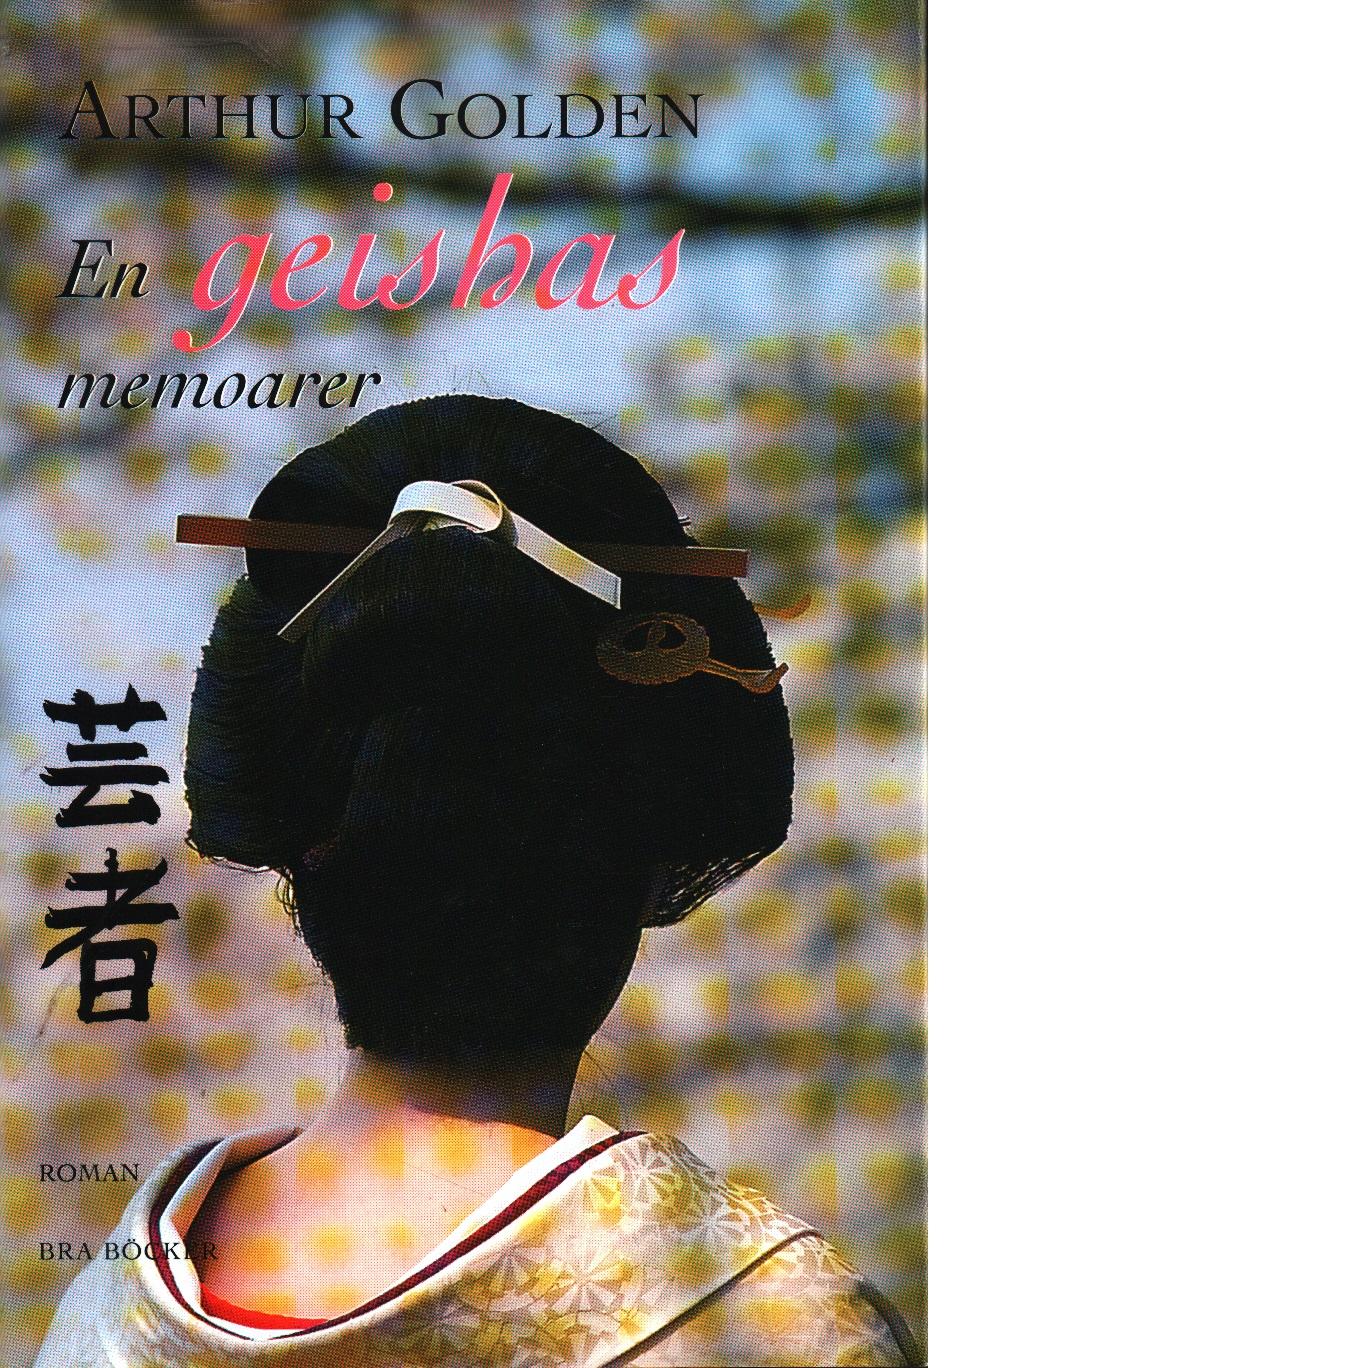 En geishas memoarer - Golden, Arthur